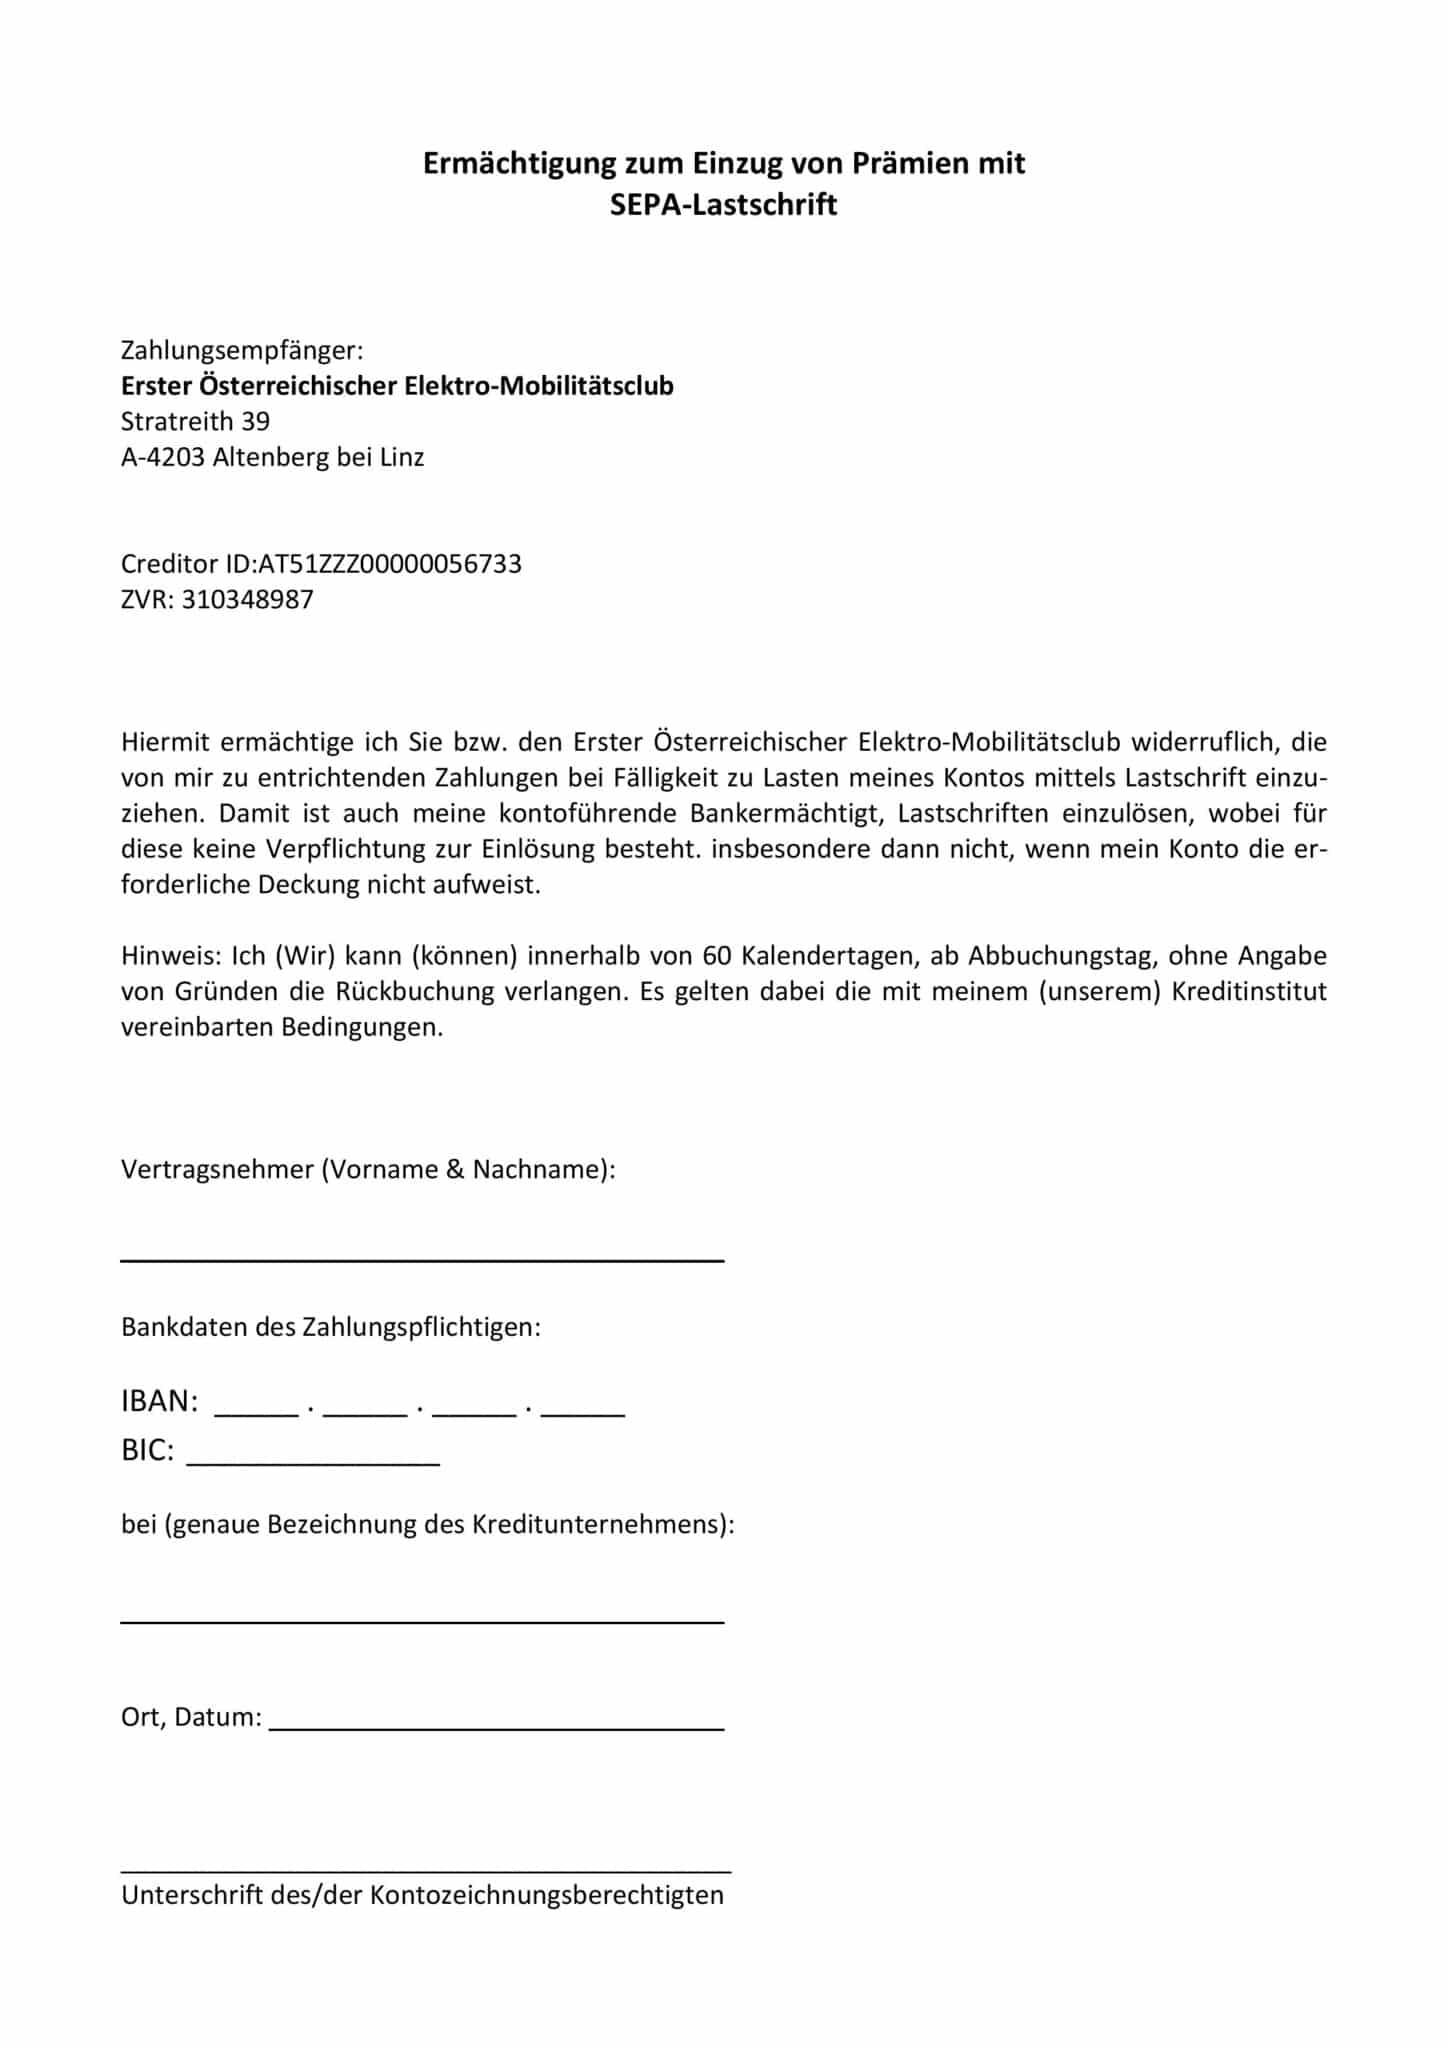 EMC-SEPA (Bankeinzug) Formular » SEPA EMC page 001